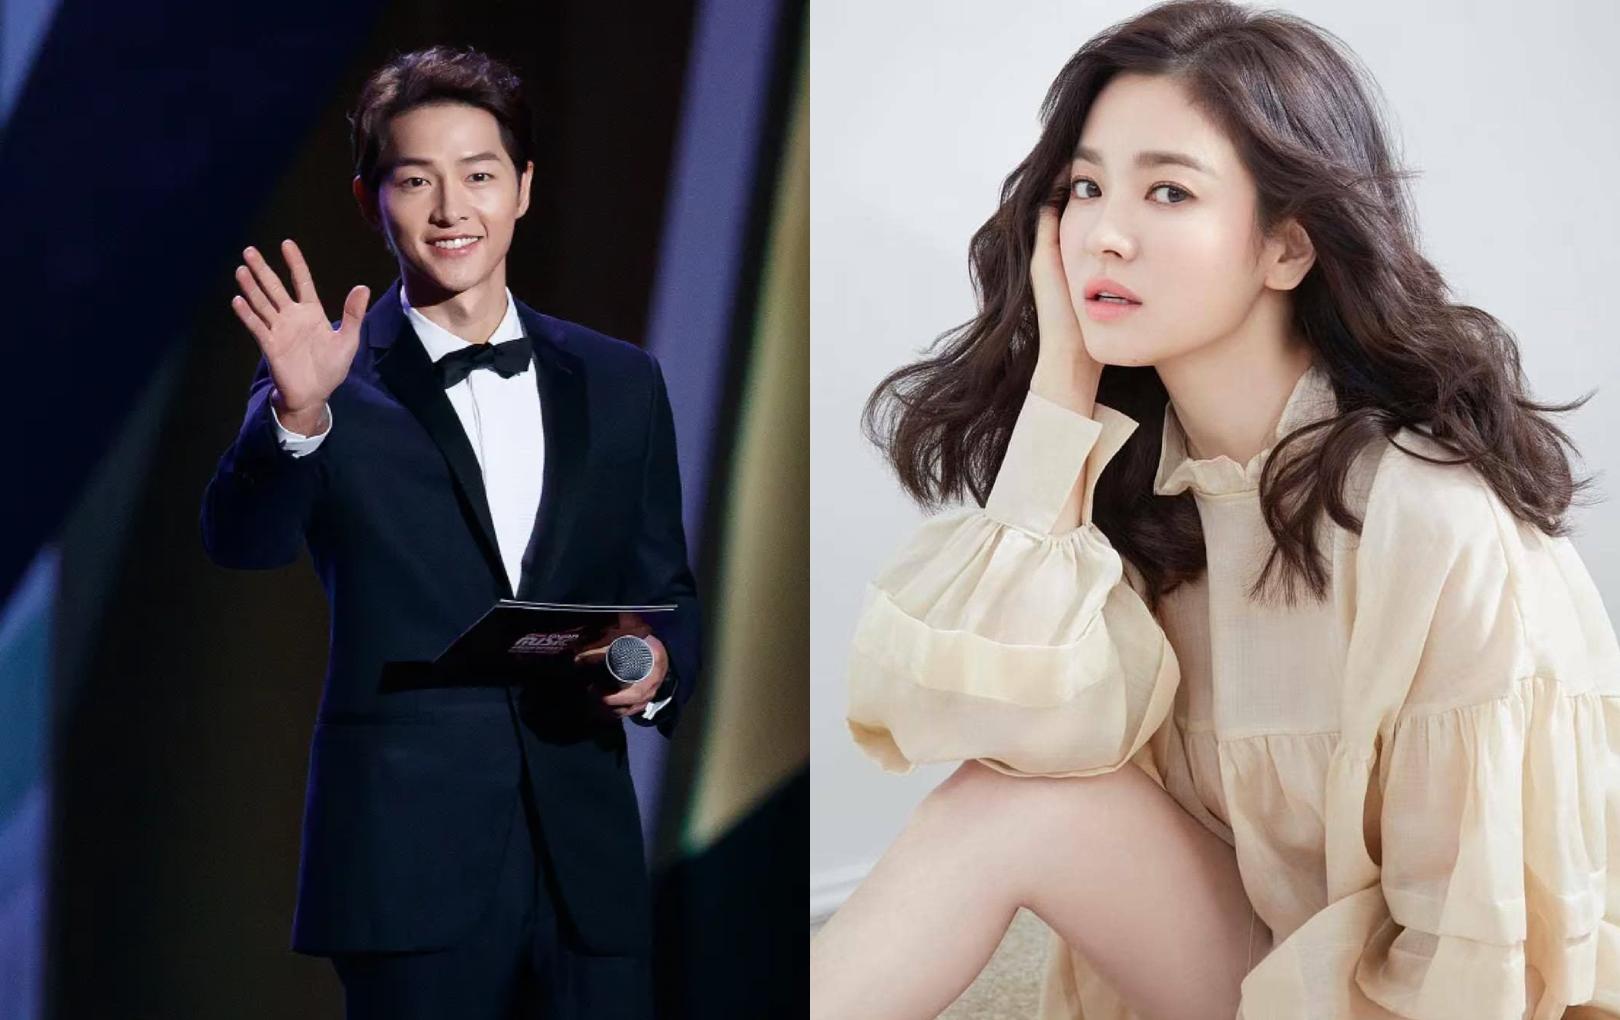 Phóng viên Hàn độc quyền đưa tin Song-Song ly hôn tiết lộ loạt chi tiết gây sốc trong quá trình xác minh thông tin